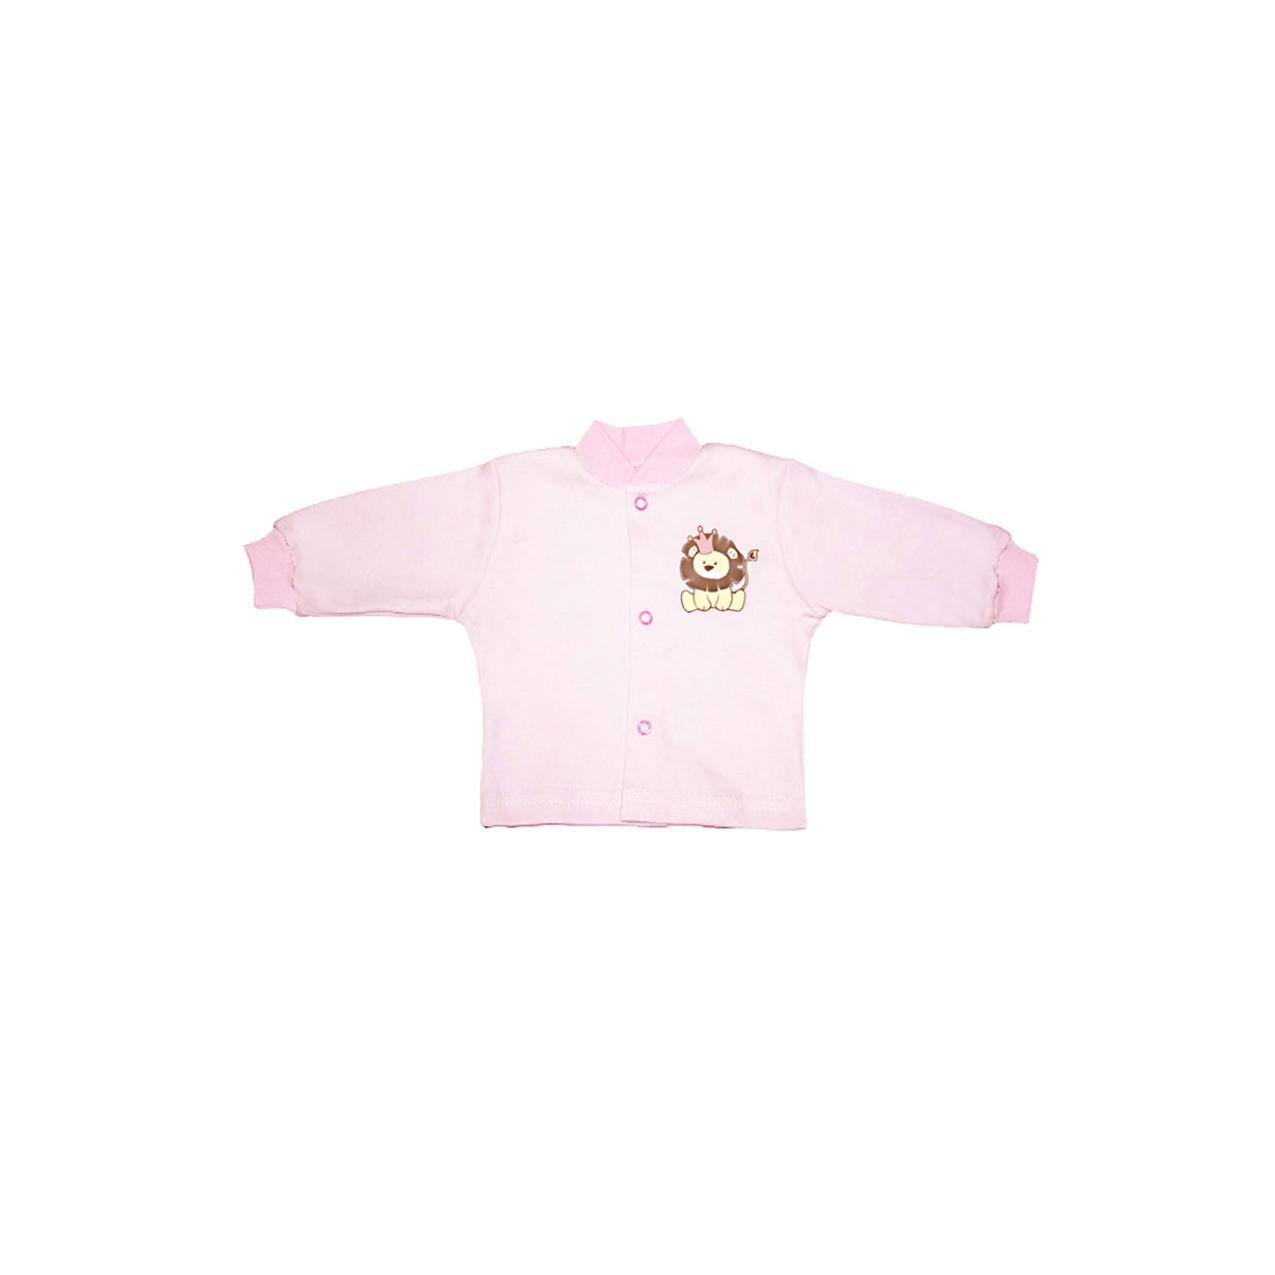 Кофточка КОТМАРКОТ для девочки, цвет розовый 0-1 мес (размер 56)<br>